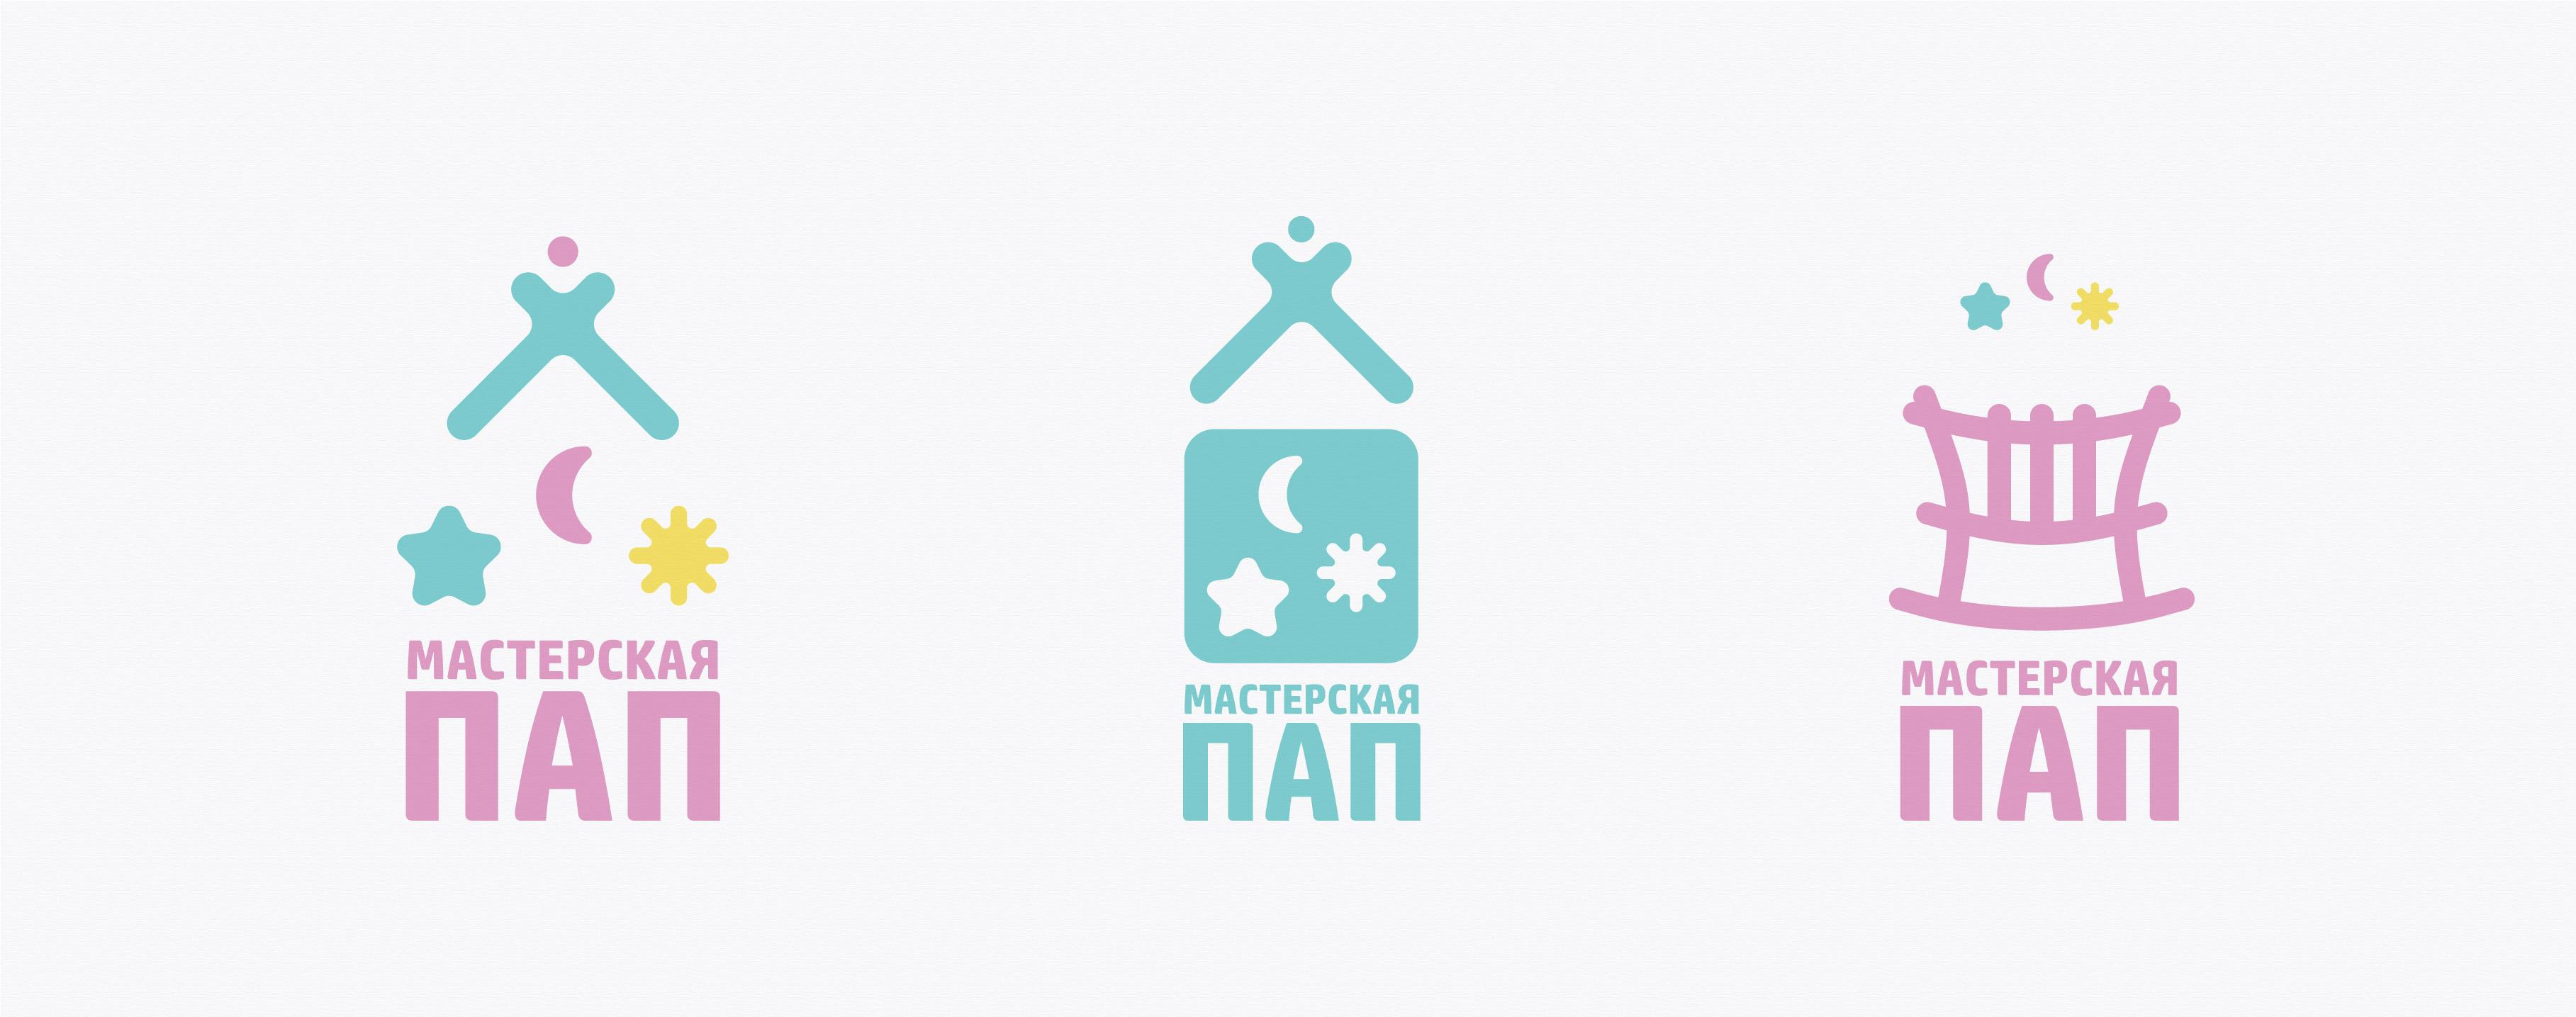 Разработка логотипа  фото f_8545aa54bd3713e6.jpg